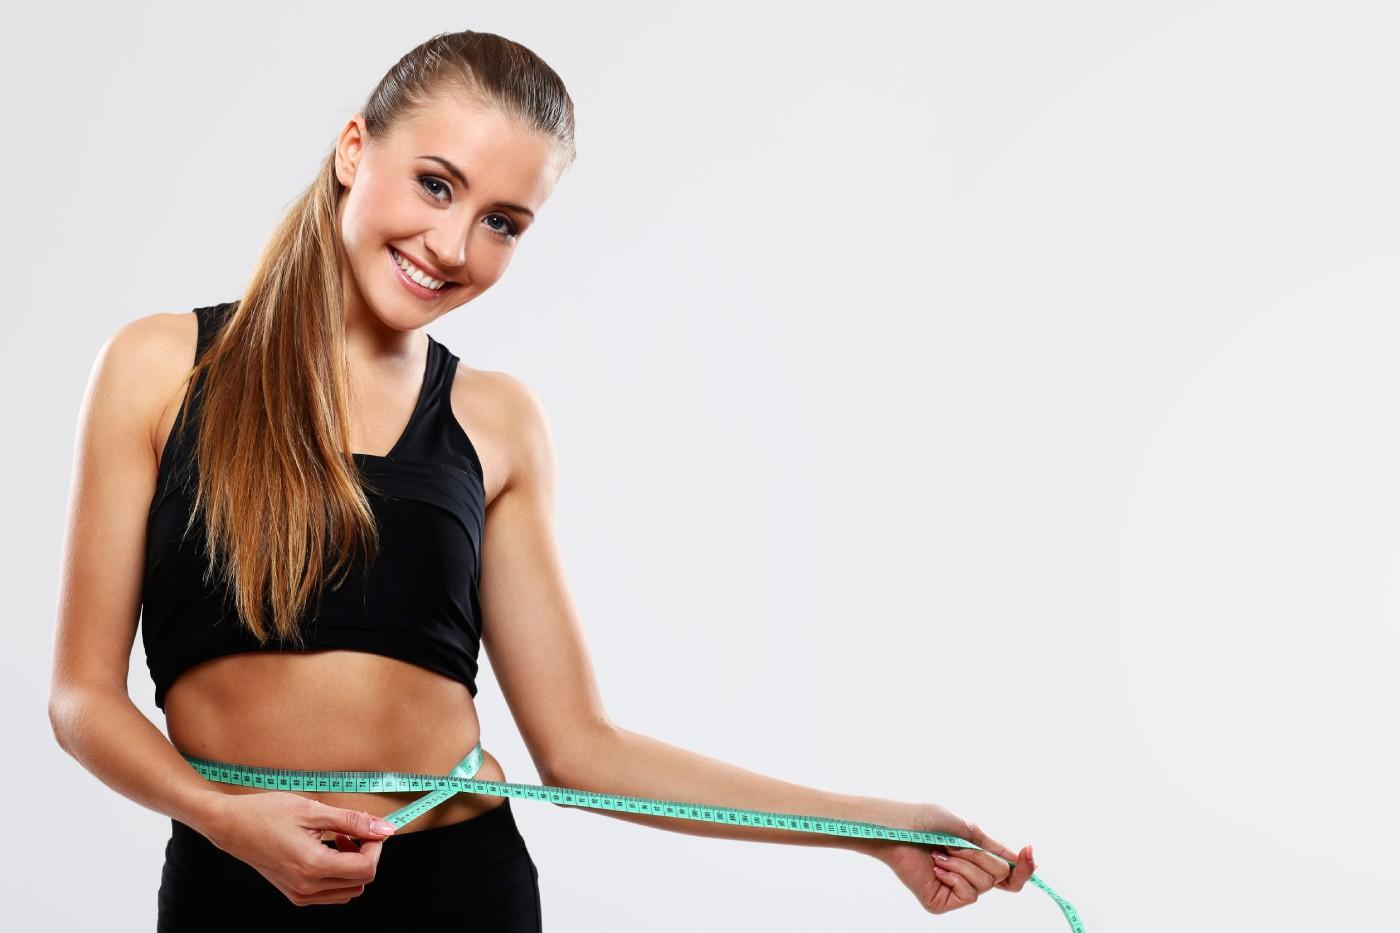 kobieta z centymetrem na biodrach